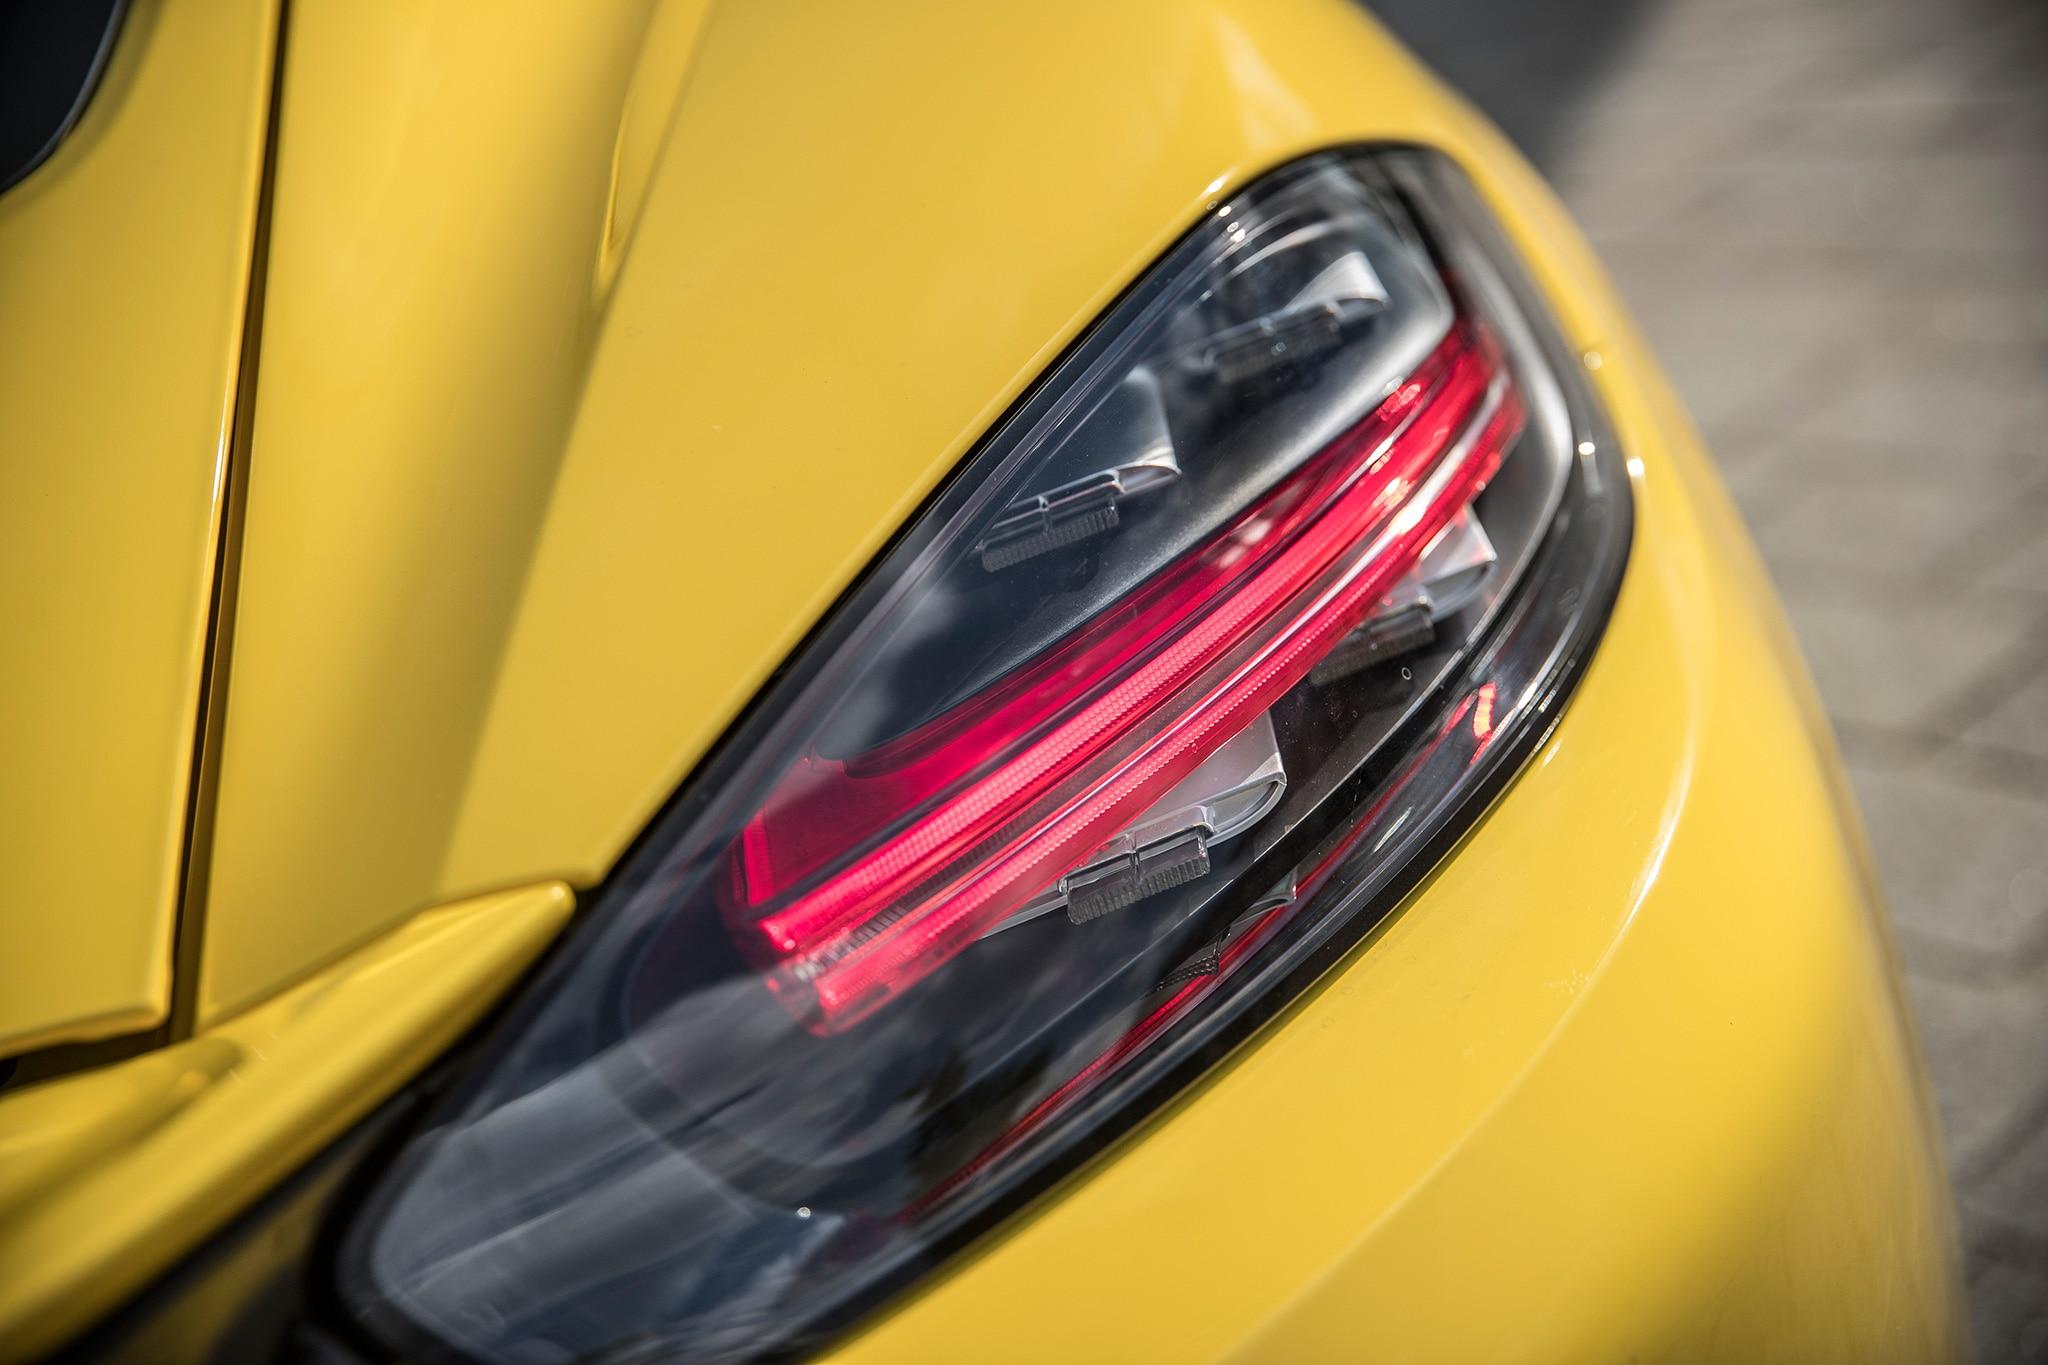 2017 Porsche Cayman S Tail Lamp